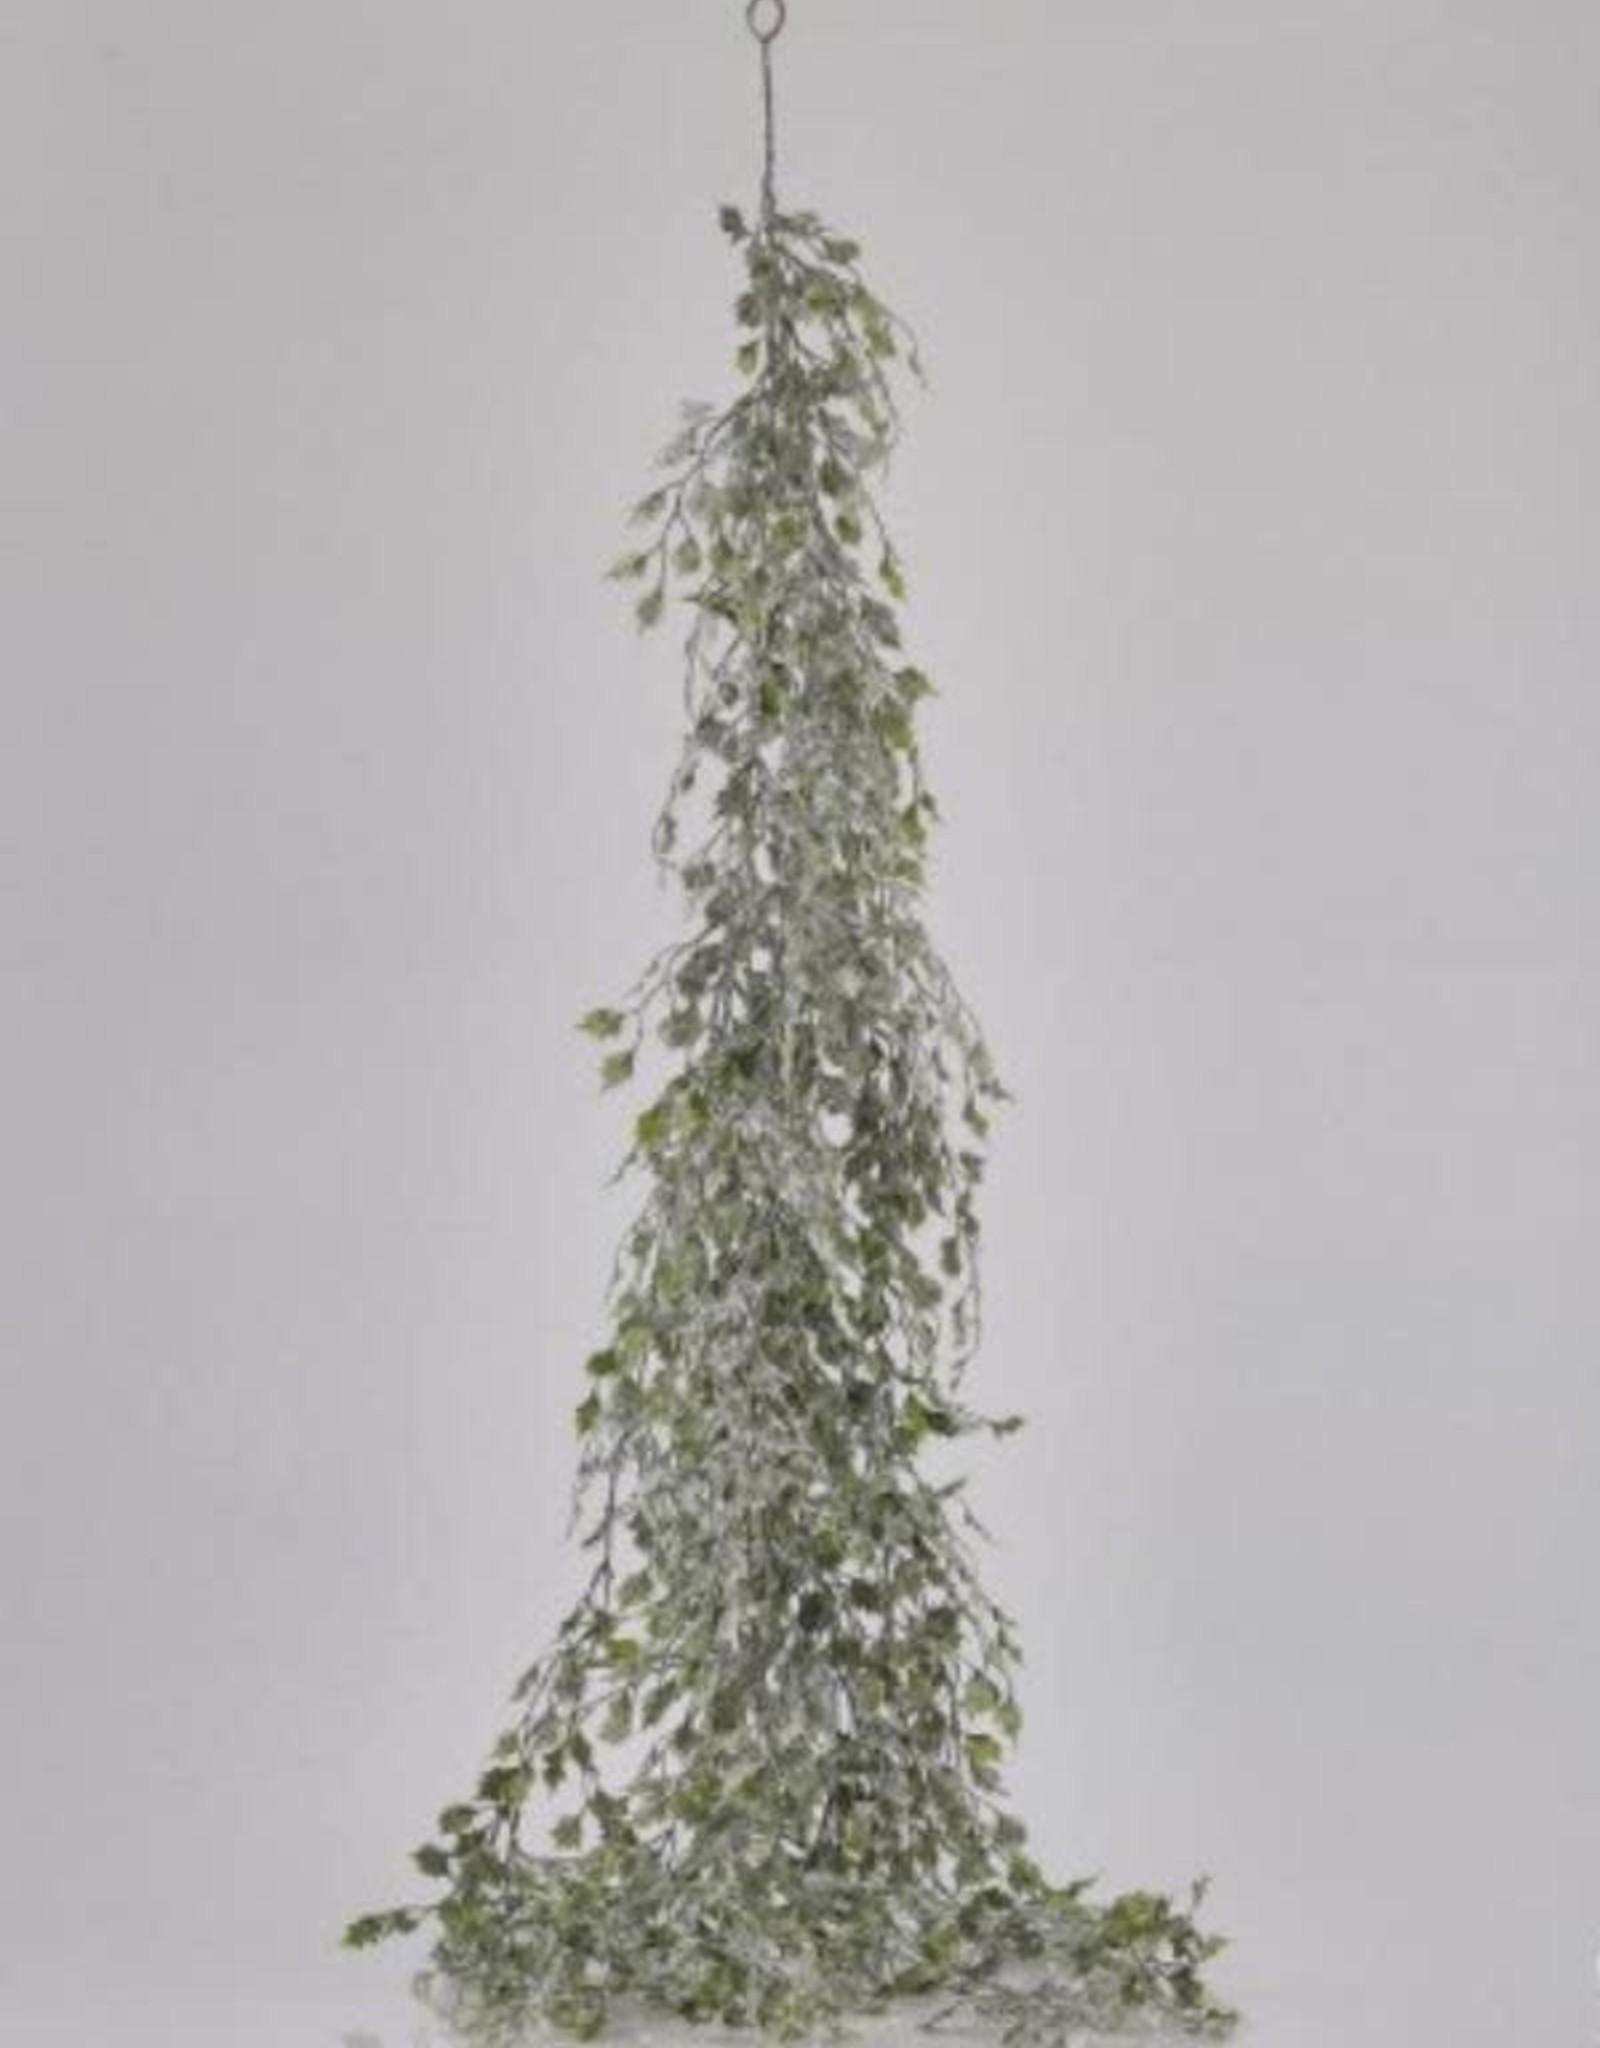 EDG FESTONE AGRIFOGLIO INNEV.H130 B8 WHITE GREEN